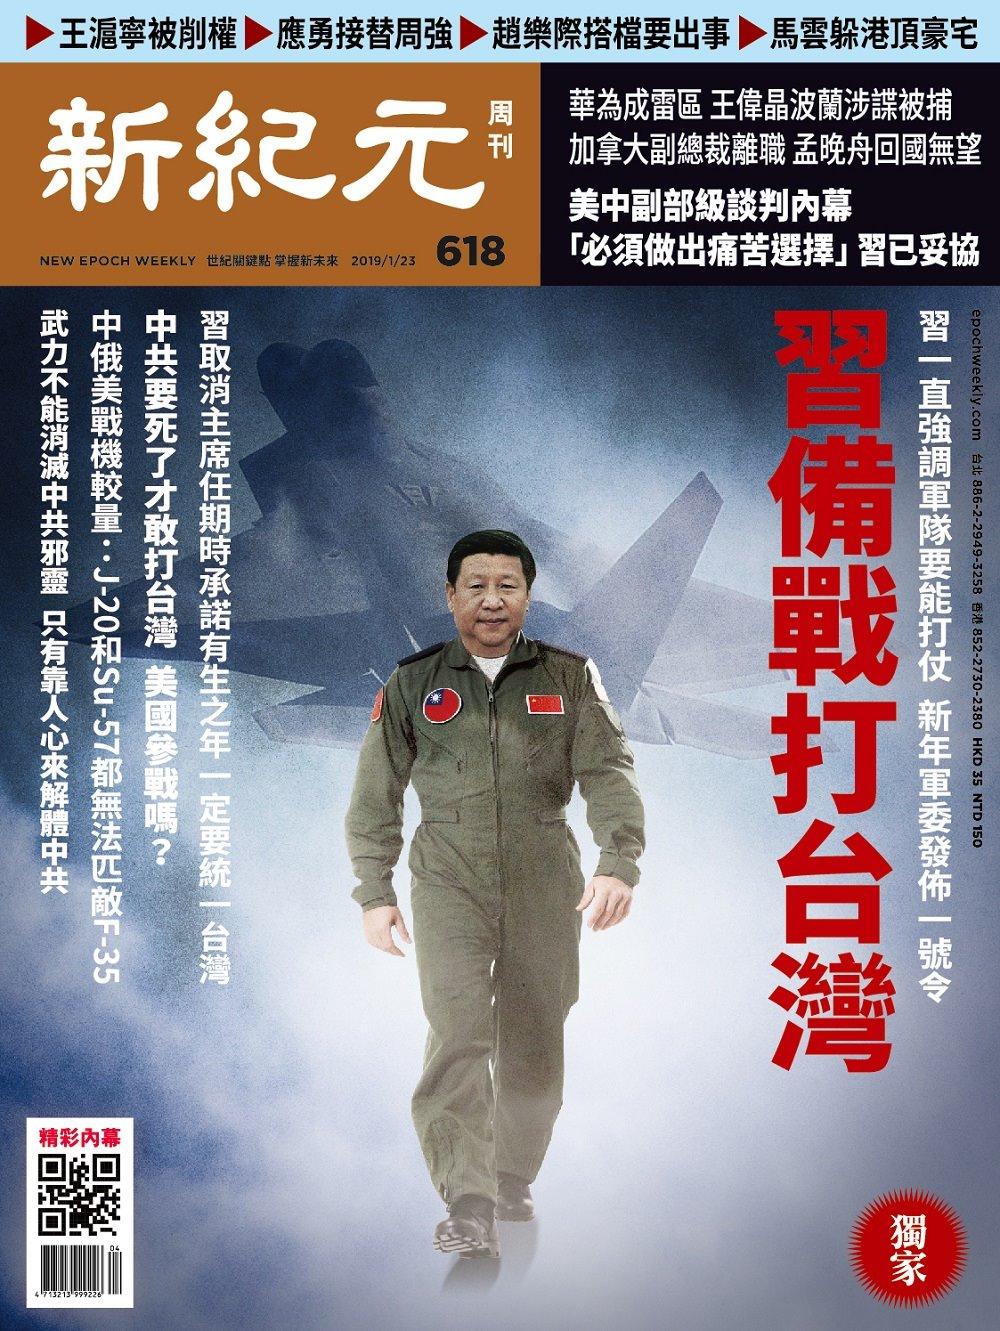 新紀元周刊 2019/1/24第618期